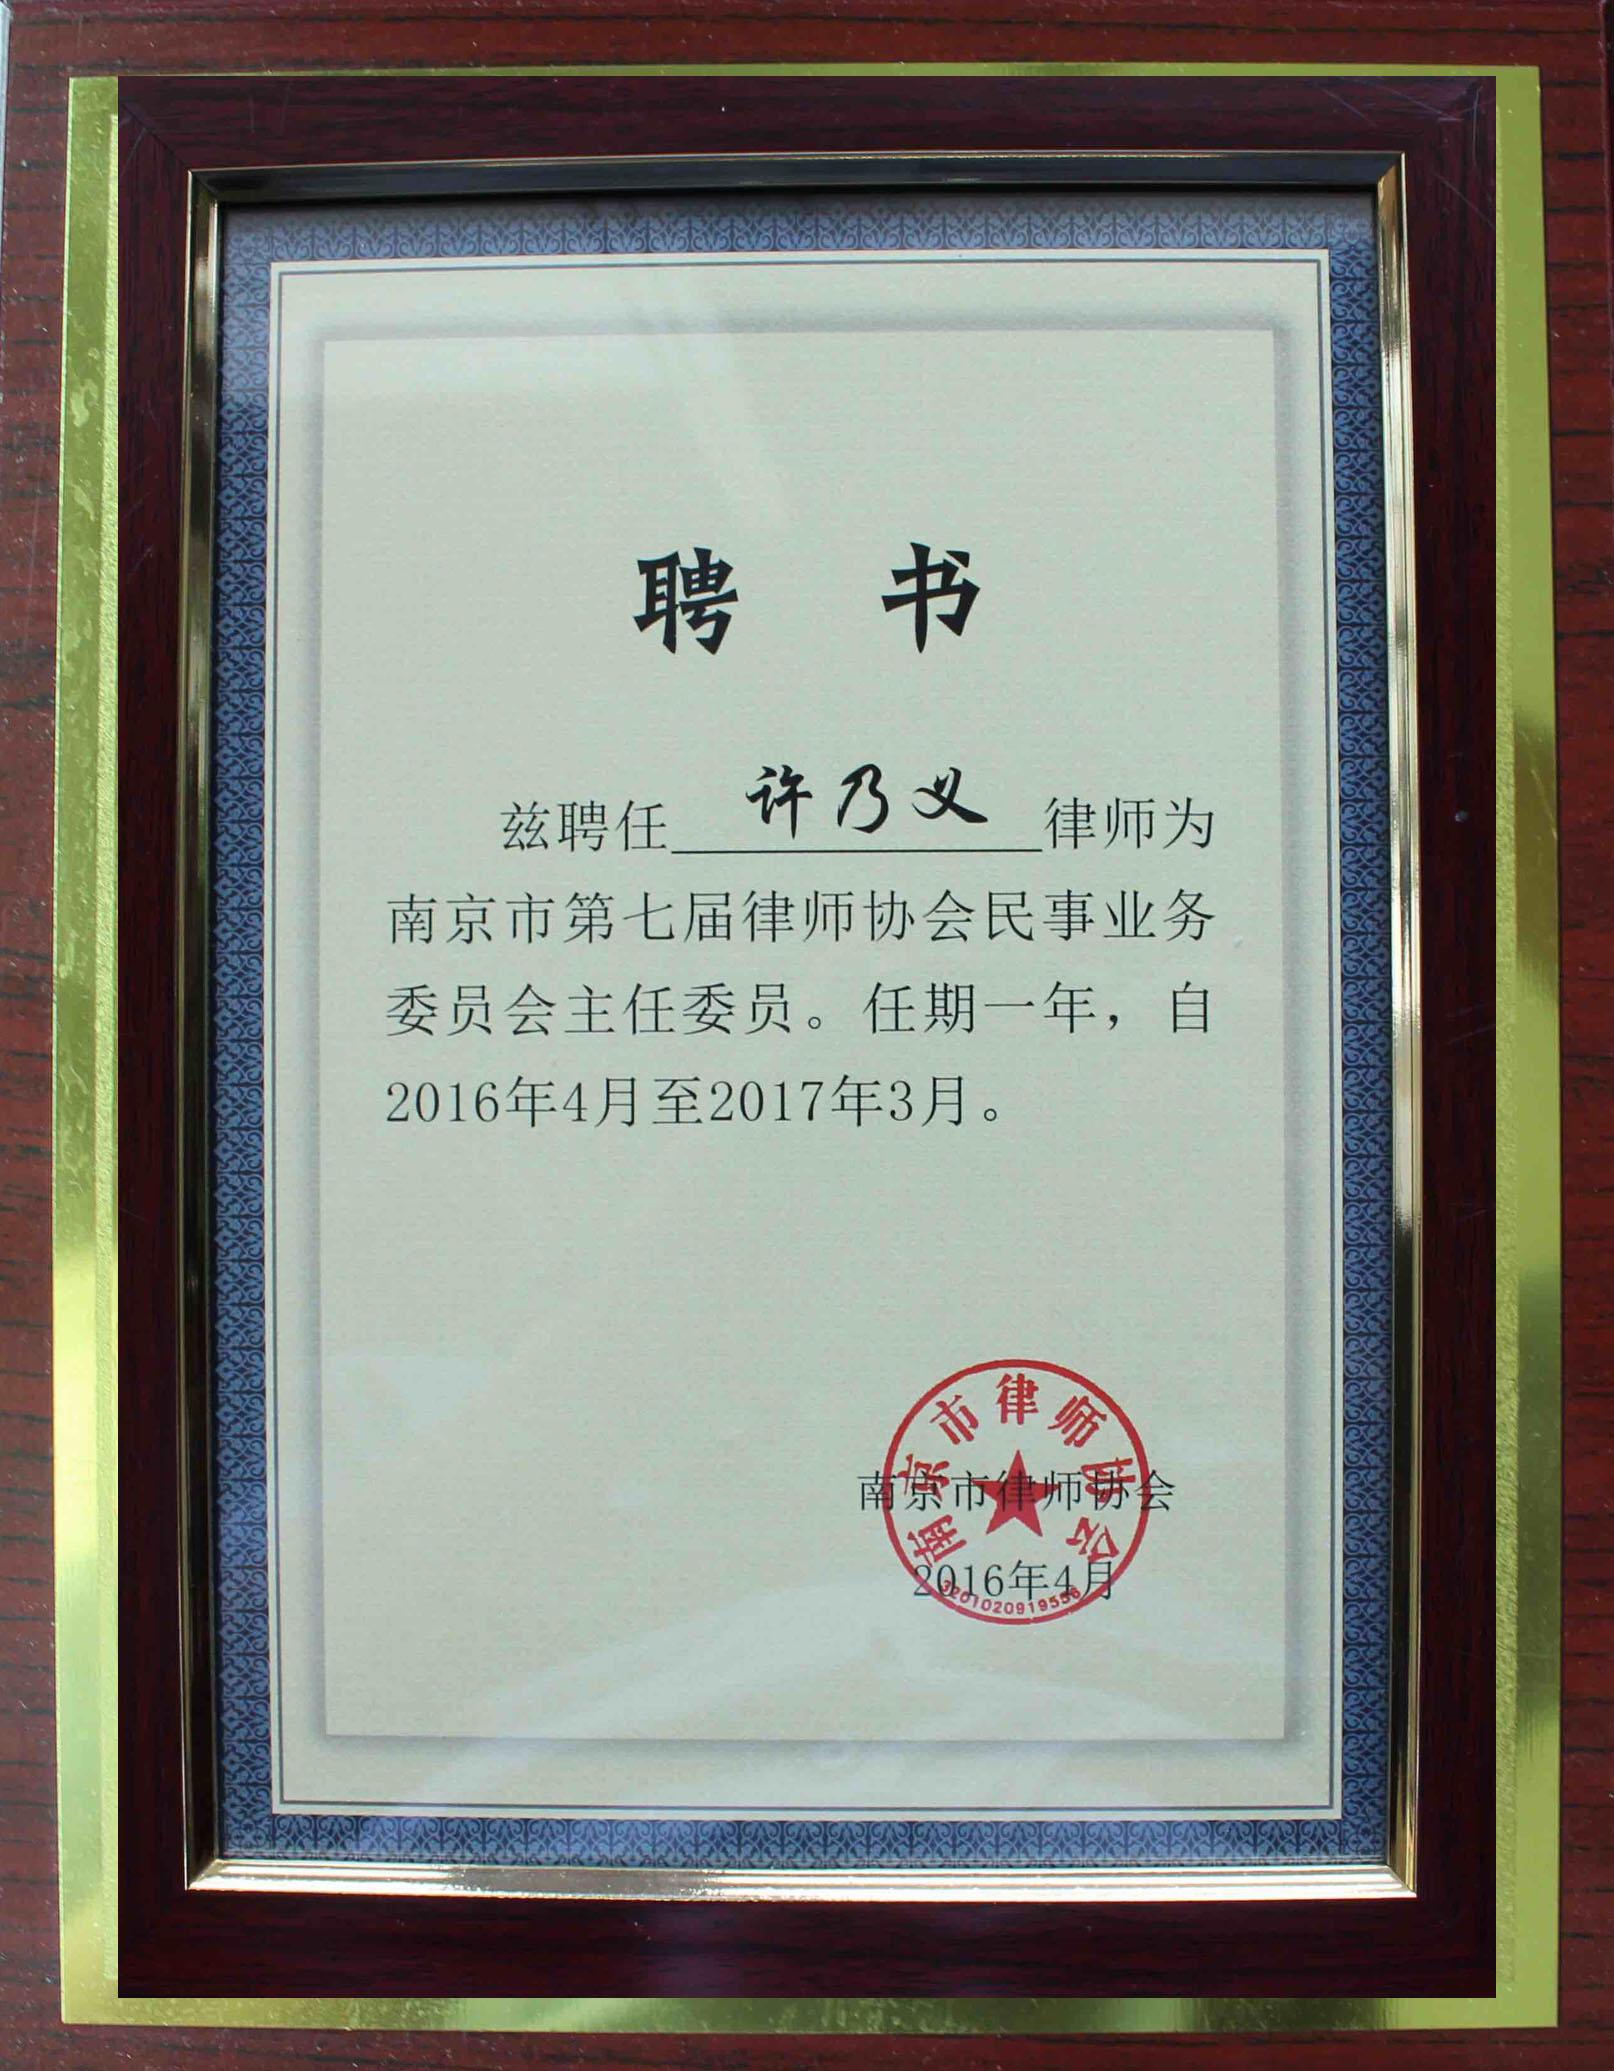 2016-2017年度南京市第七屆律師協會民事業務委員會主任委員